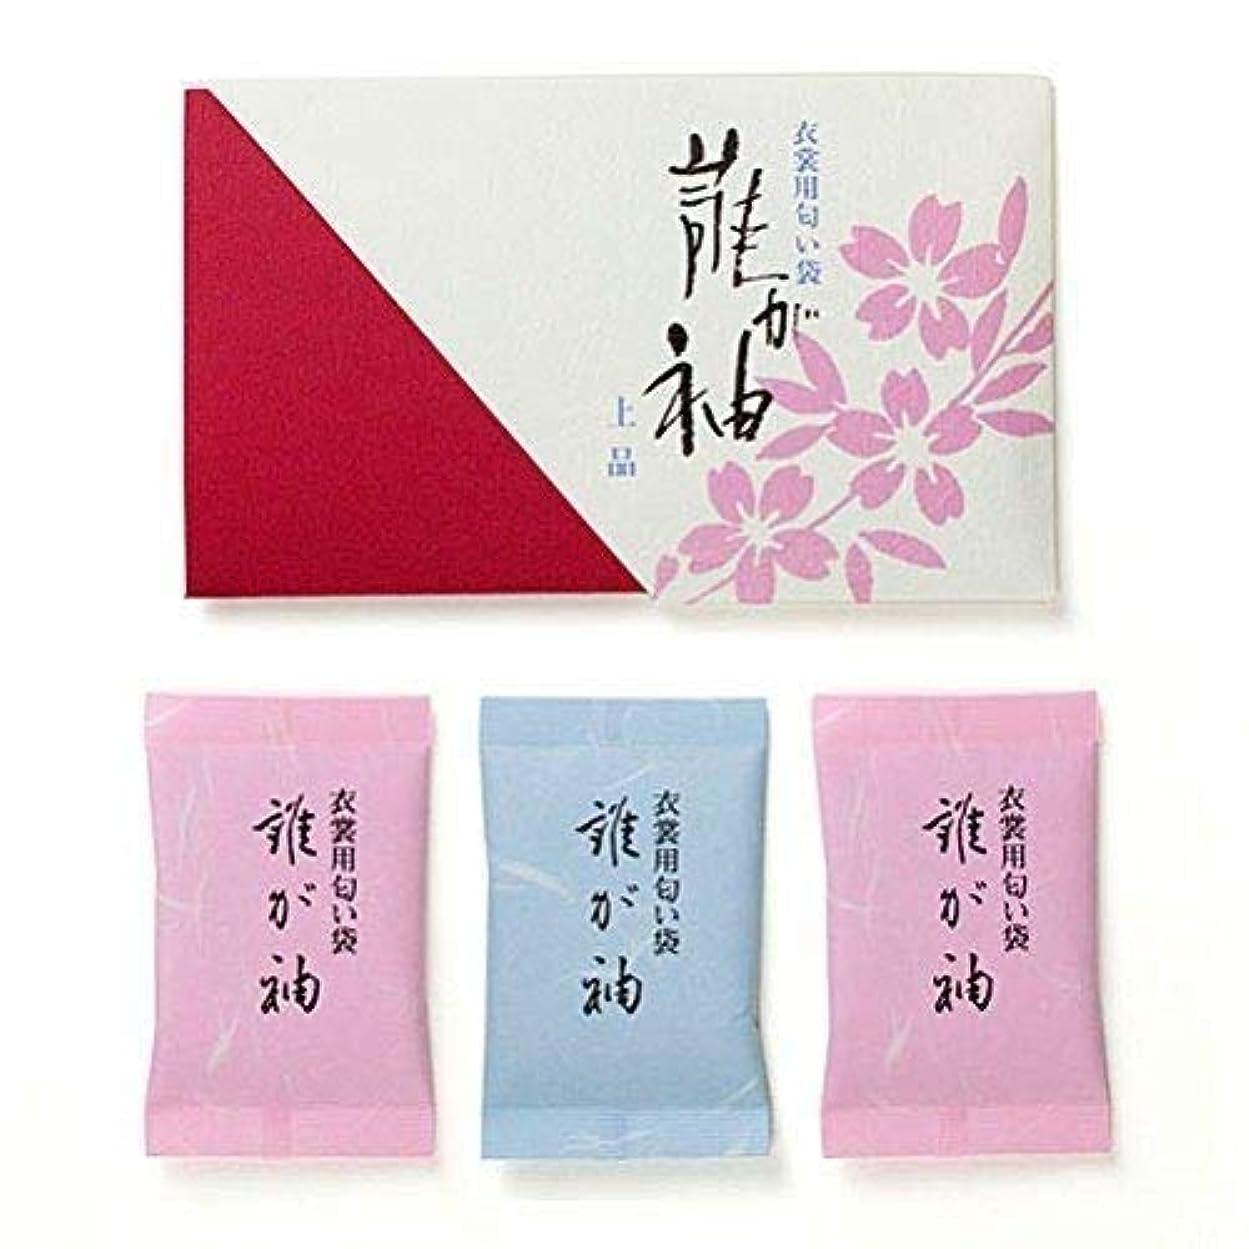 努力万歳かすかな誰が袖 衣裳用3入 上品 松栄堂 Shoyeido 衣装用 匂い袋